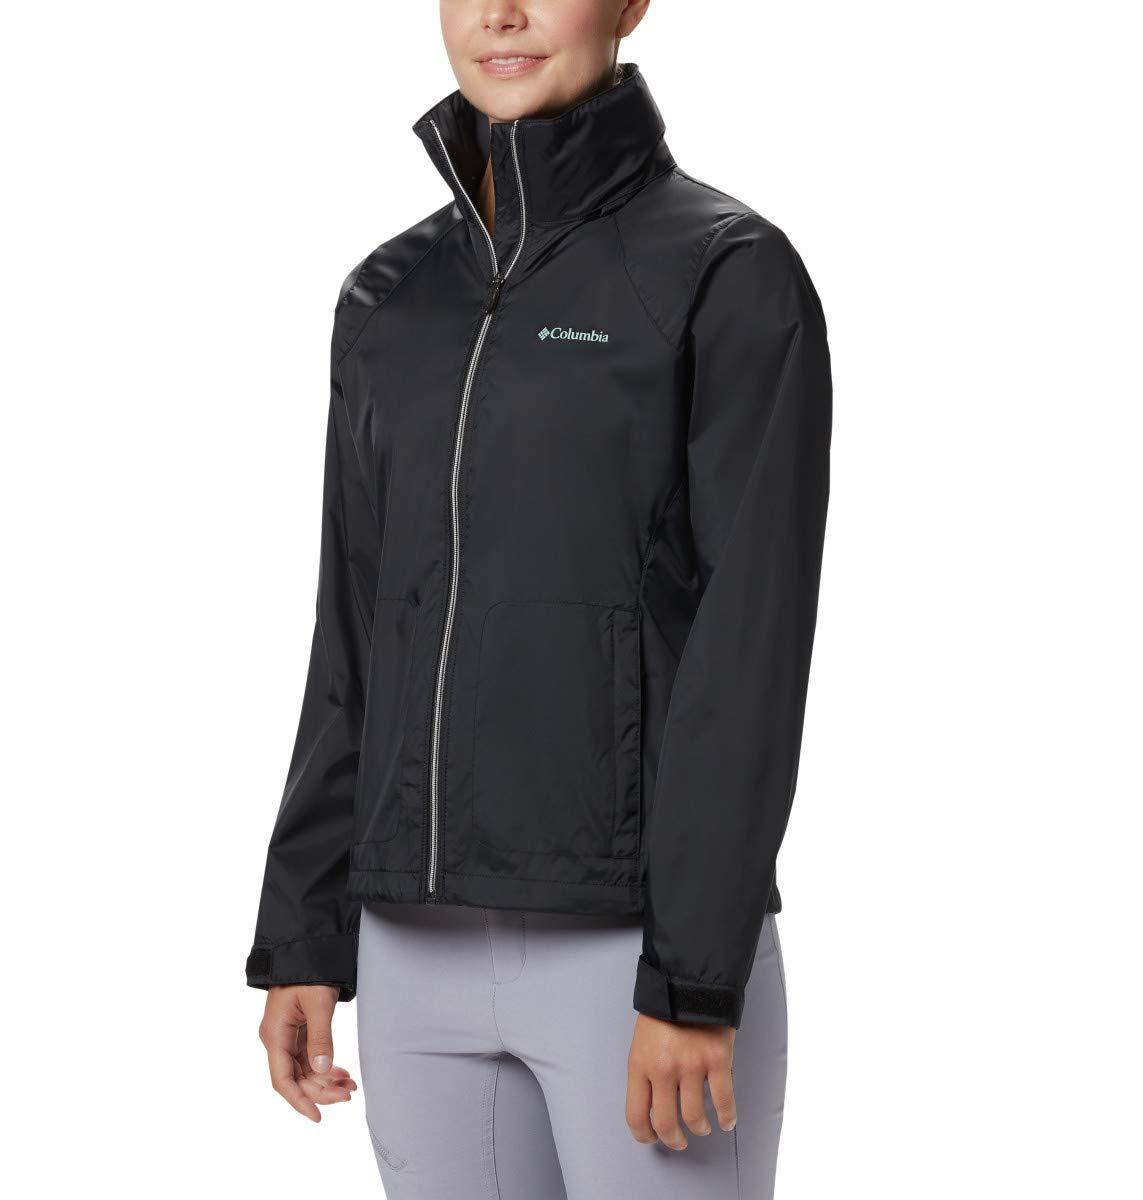 Columbia Women's Plus Size Switchback III Adjustable Waterproof Rain Jacket, Black, 2X by Columbia